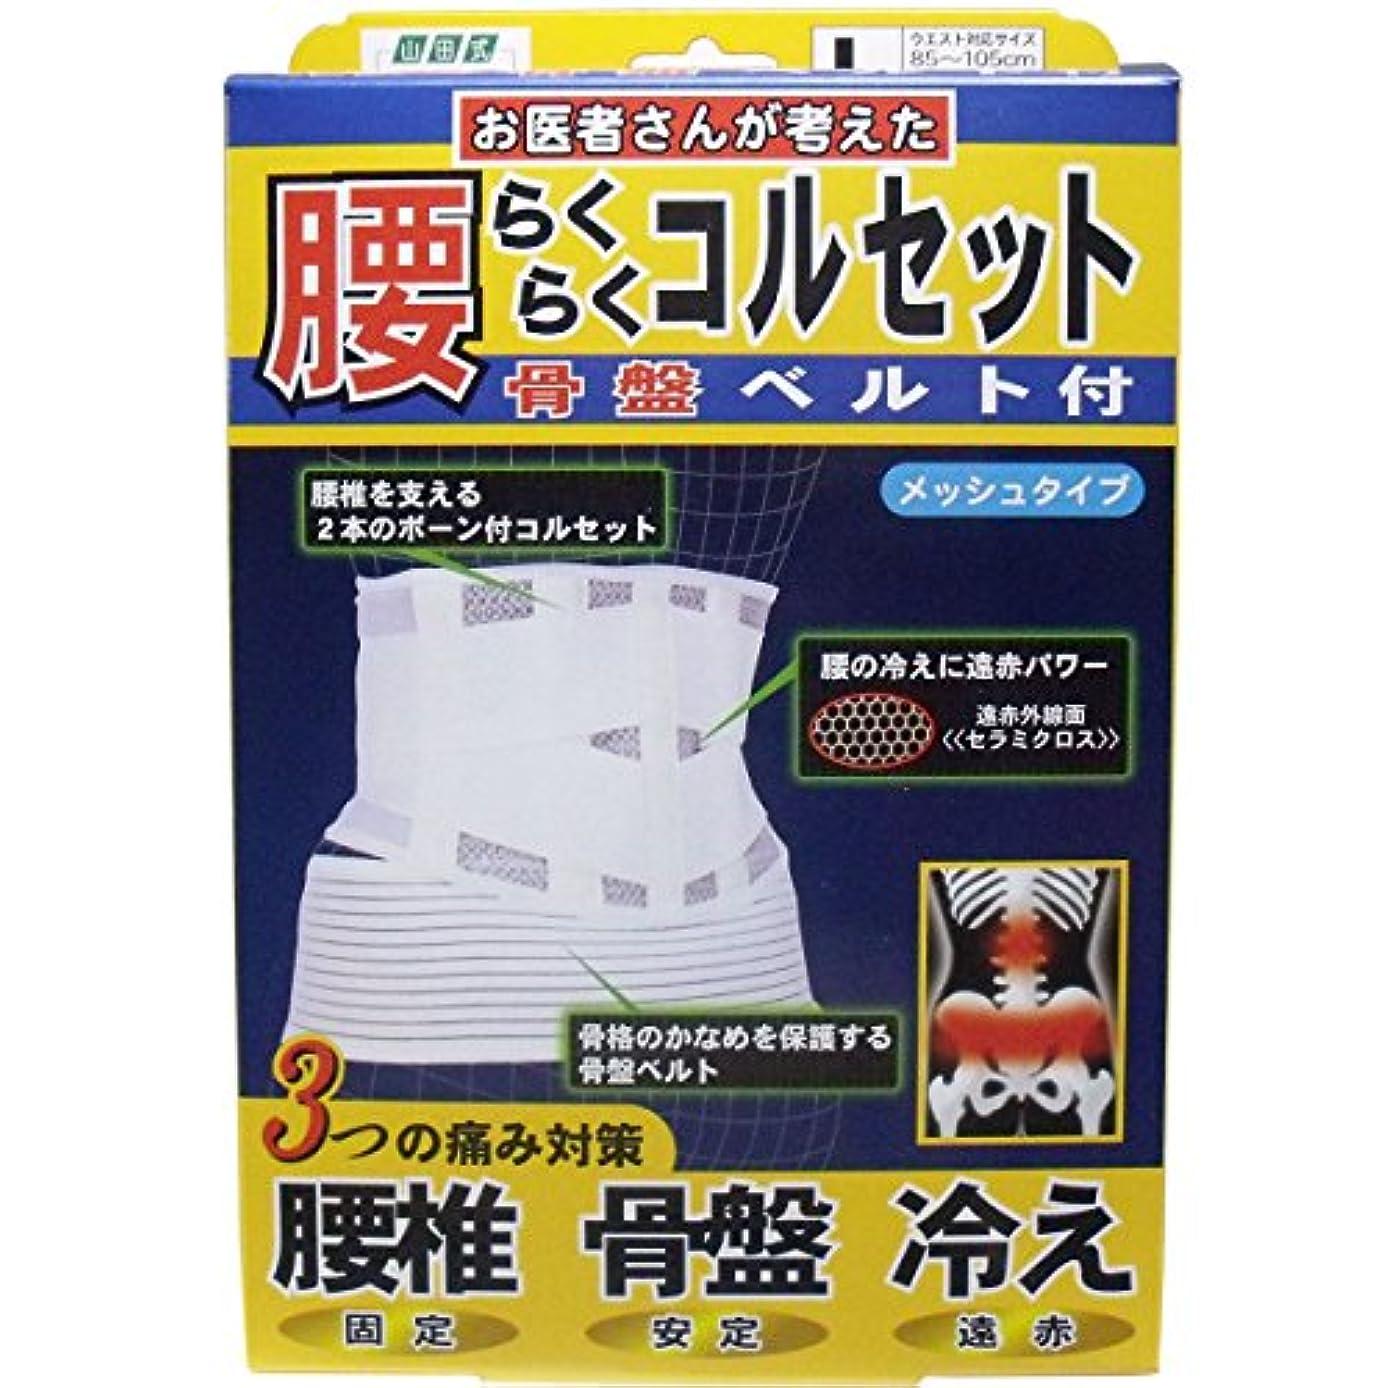 関税獣ツーリスト腰らくらくコルセット 骨盤ベルト付 メッシュタイプ Mタイプ【5個セット】